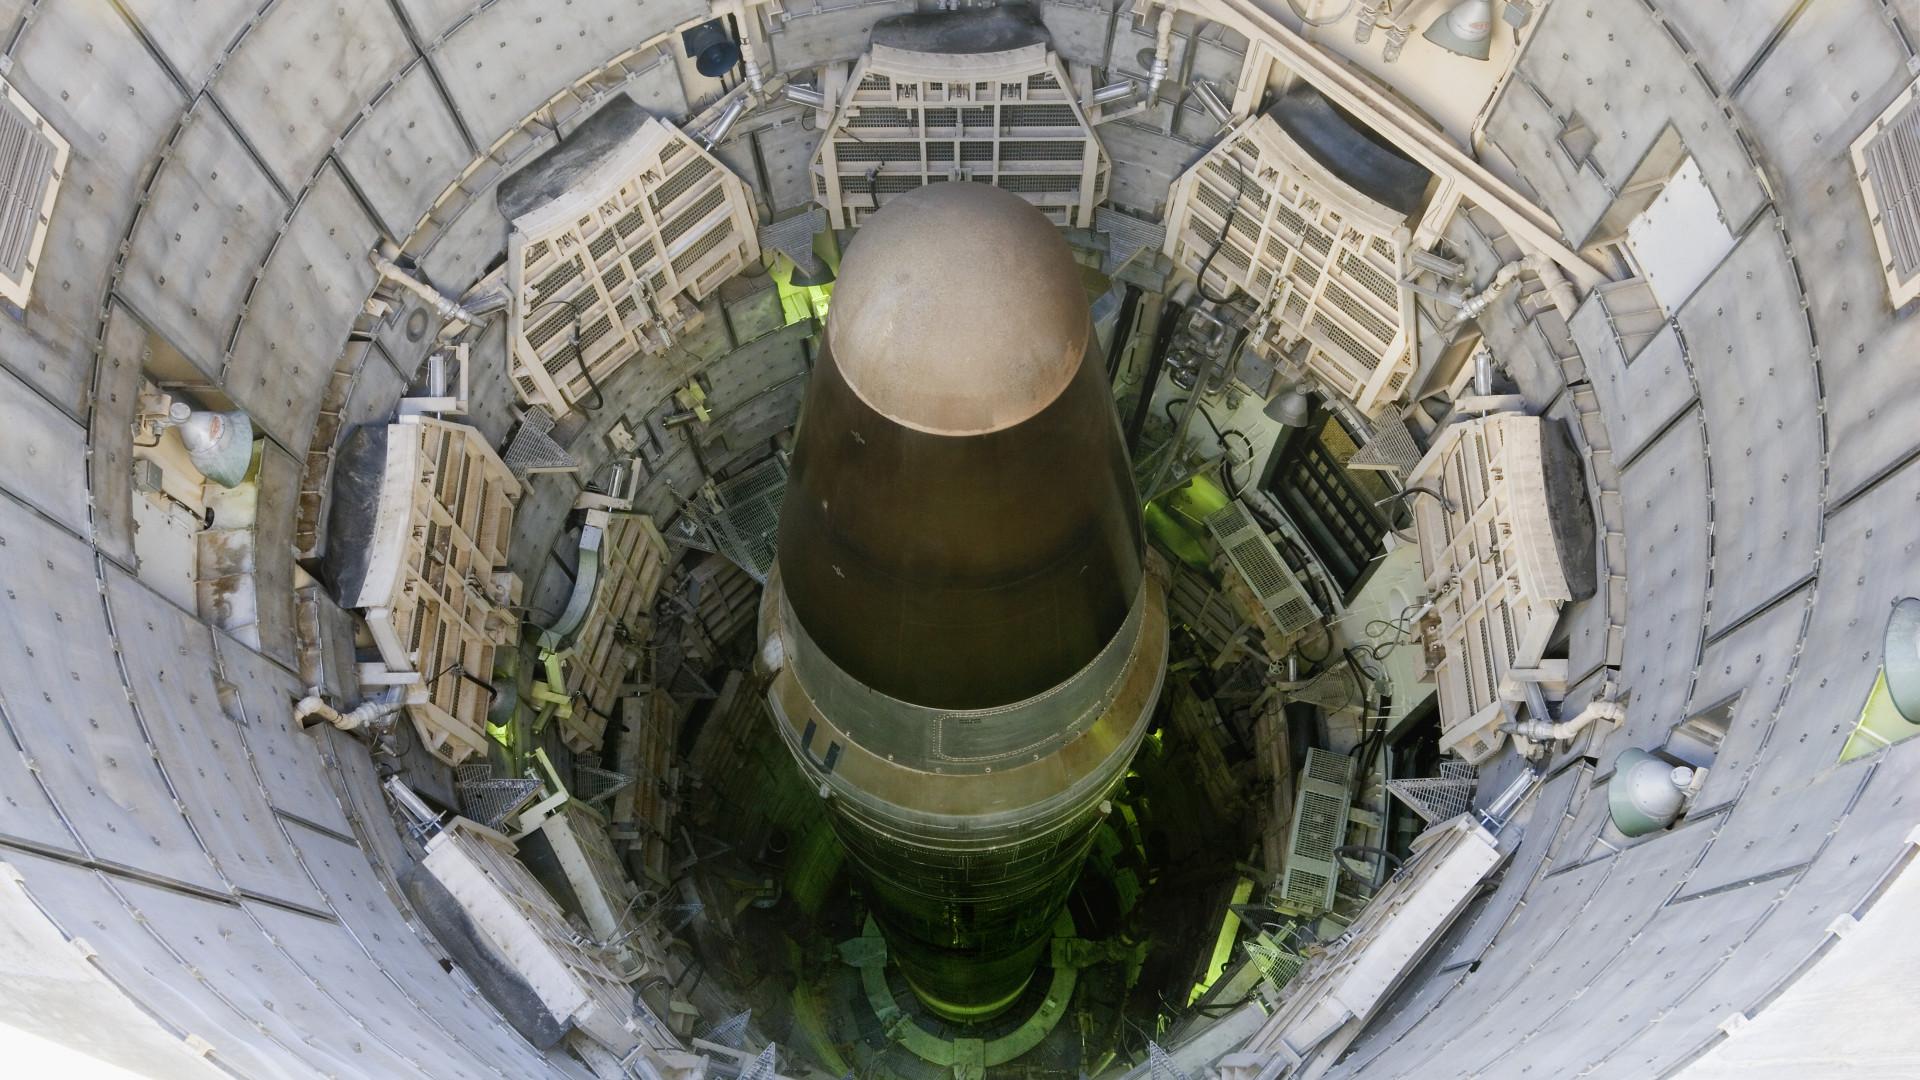 Még sosem költött ennyit atomfegyverekre a világ